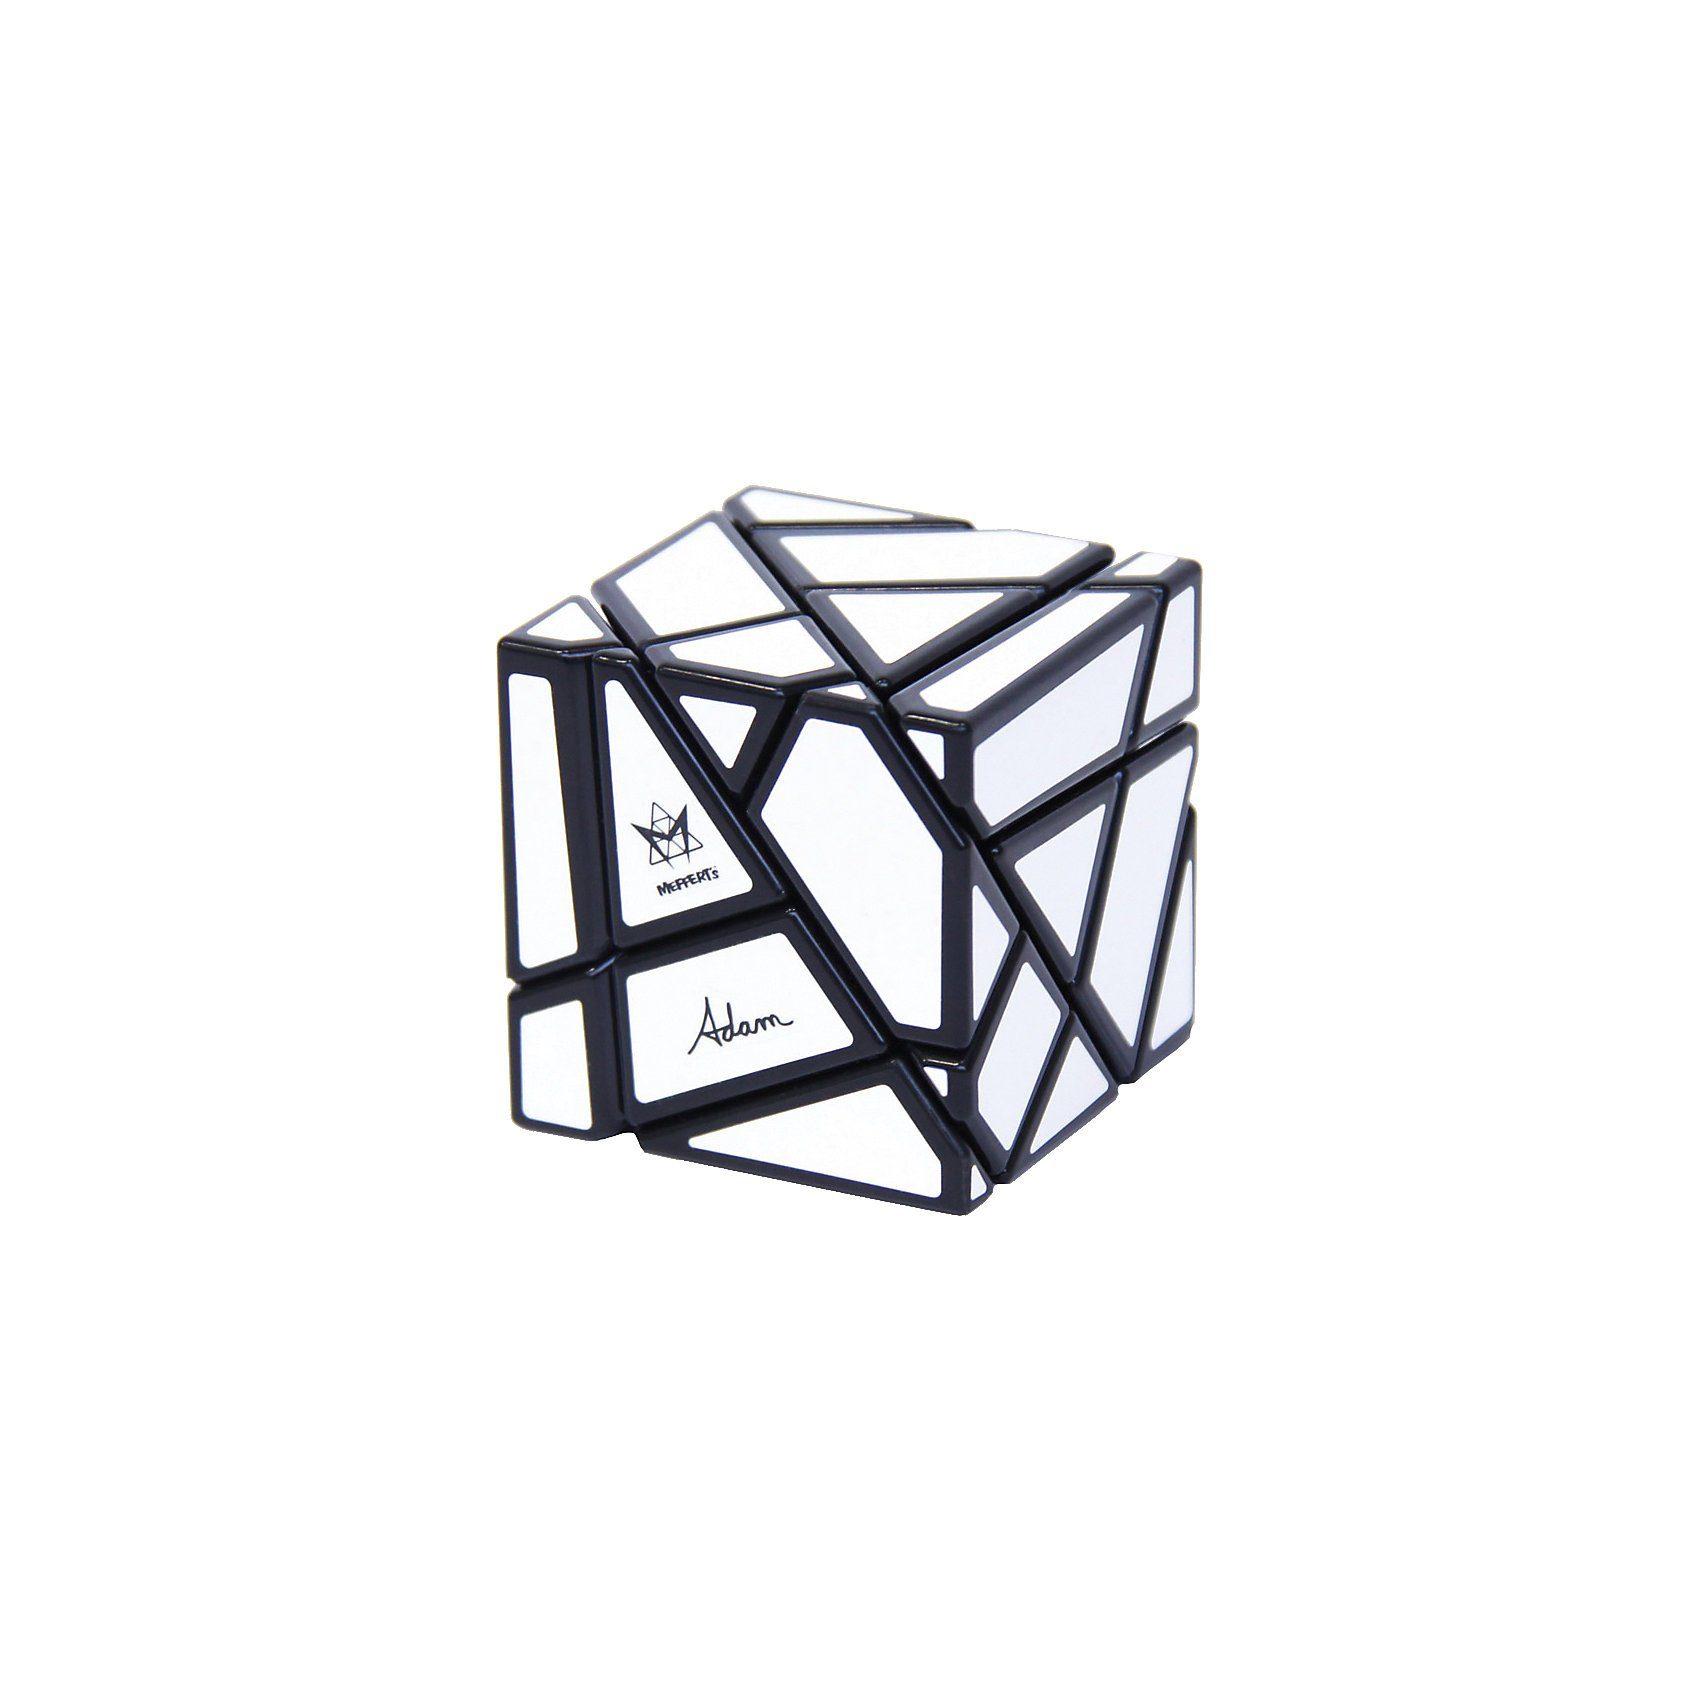 Meffert´s Ghost Cube